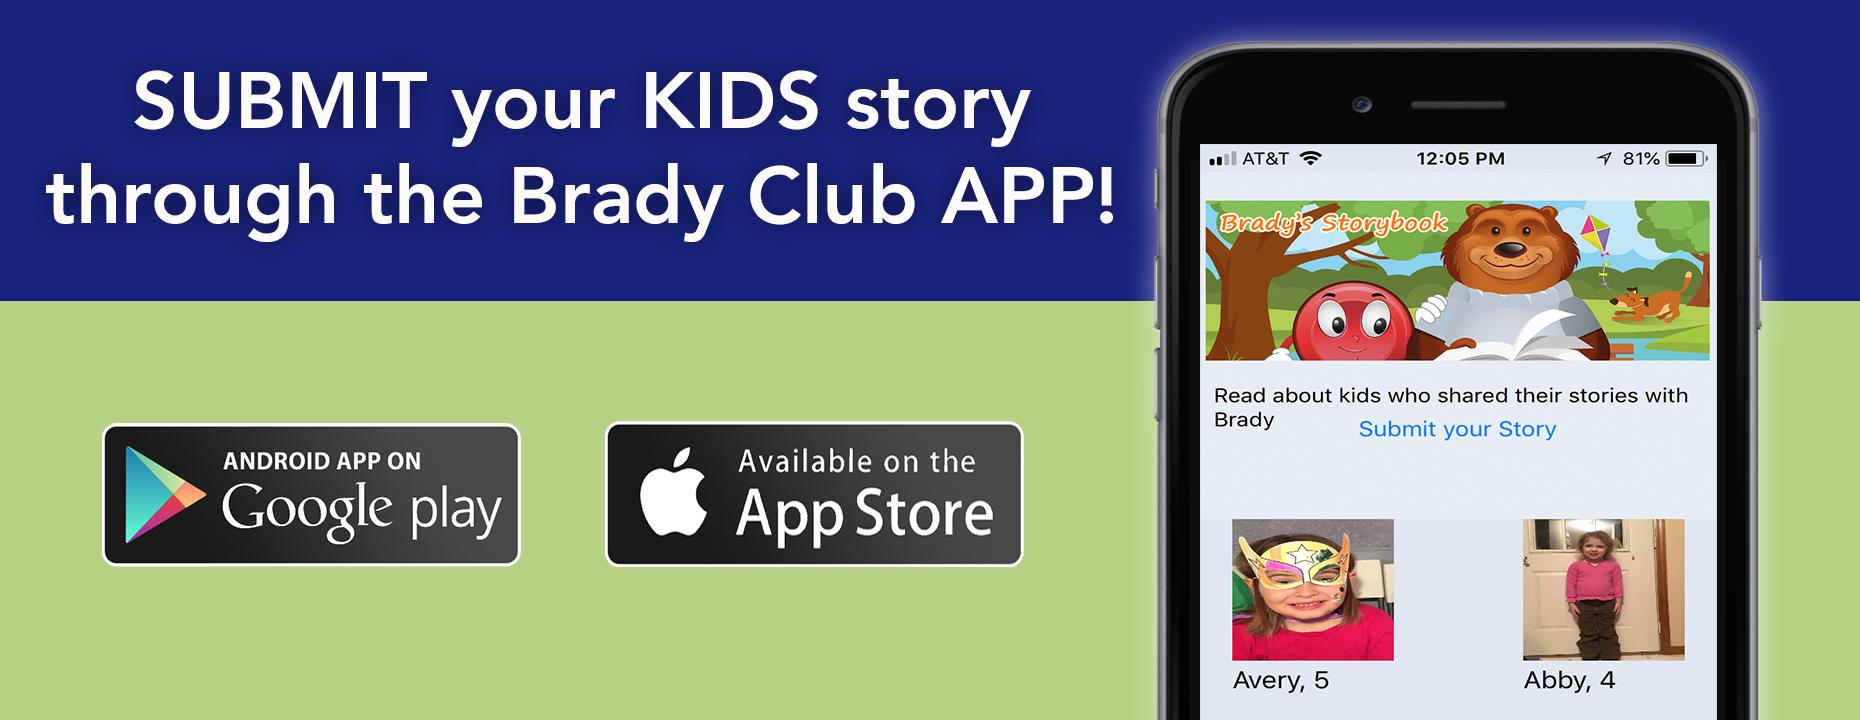 download the Brady Club app